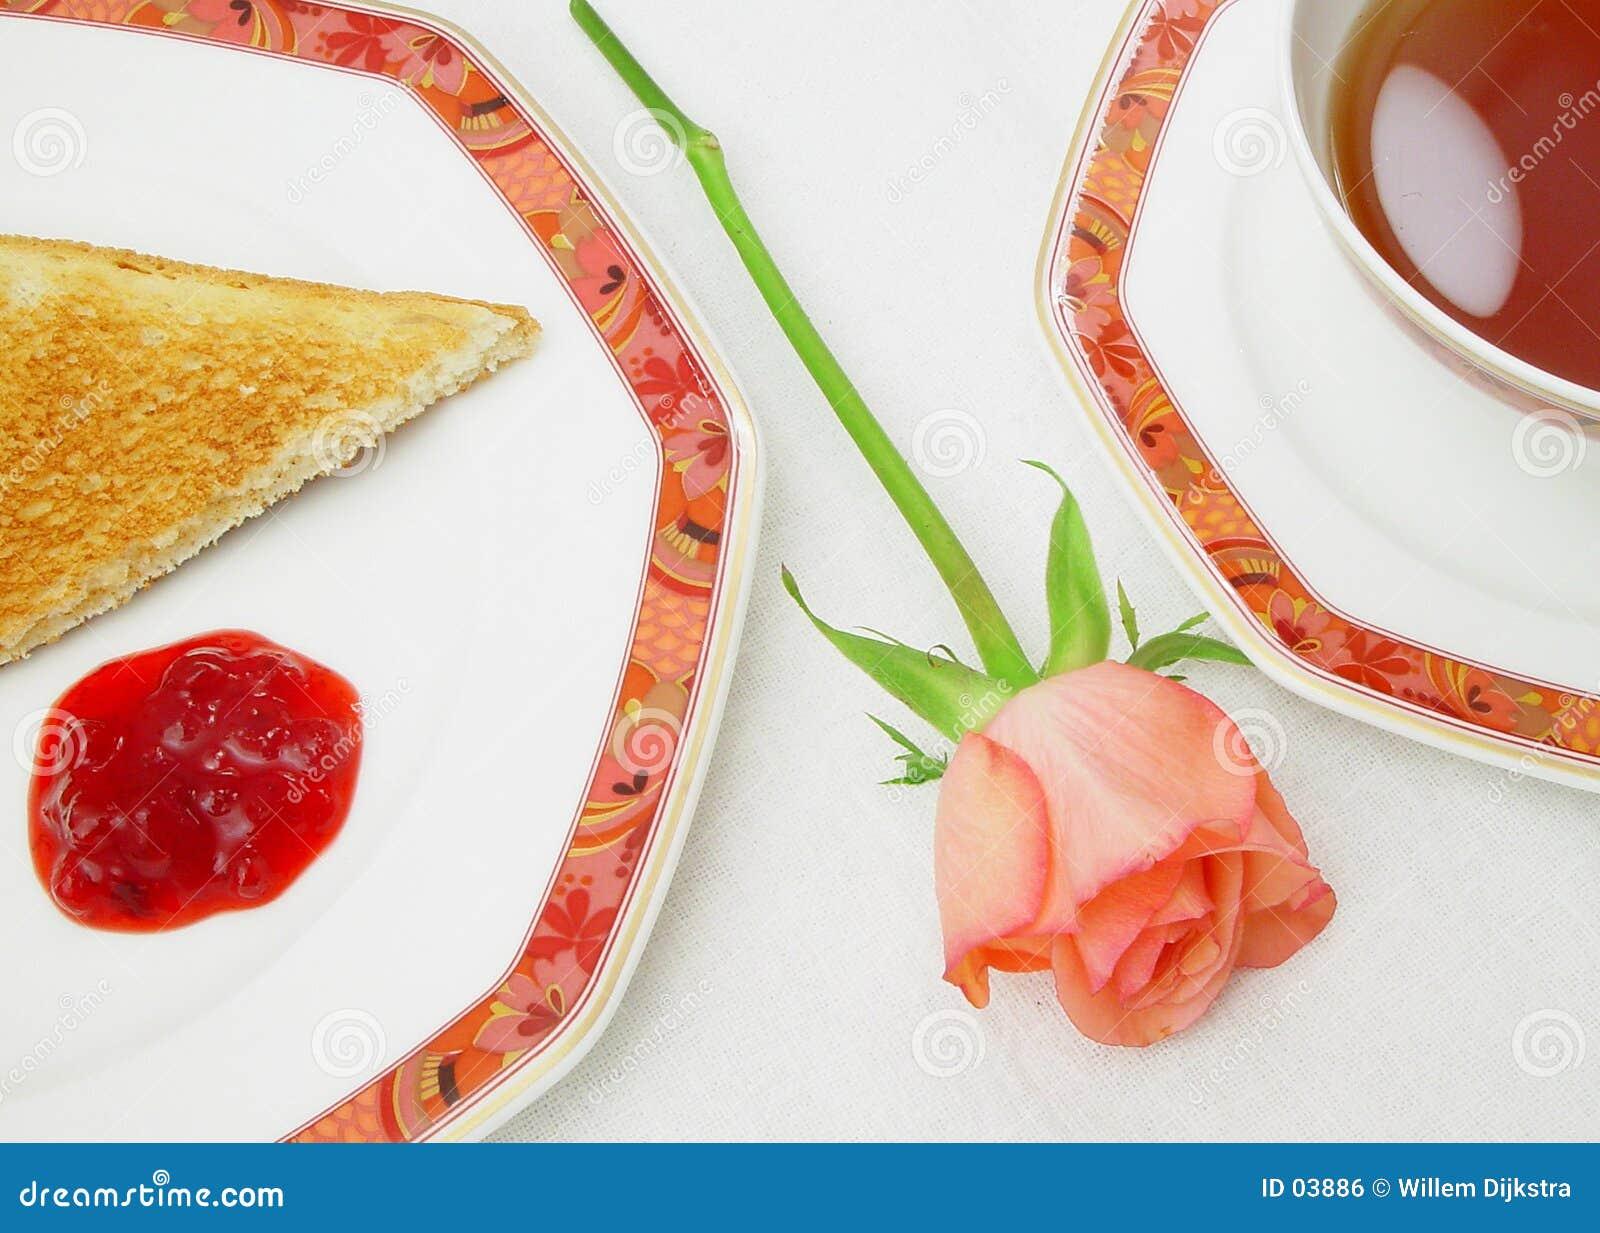 Frühstücken meine lieben?